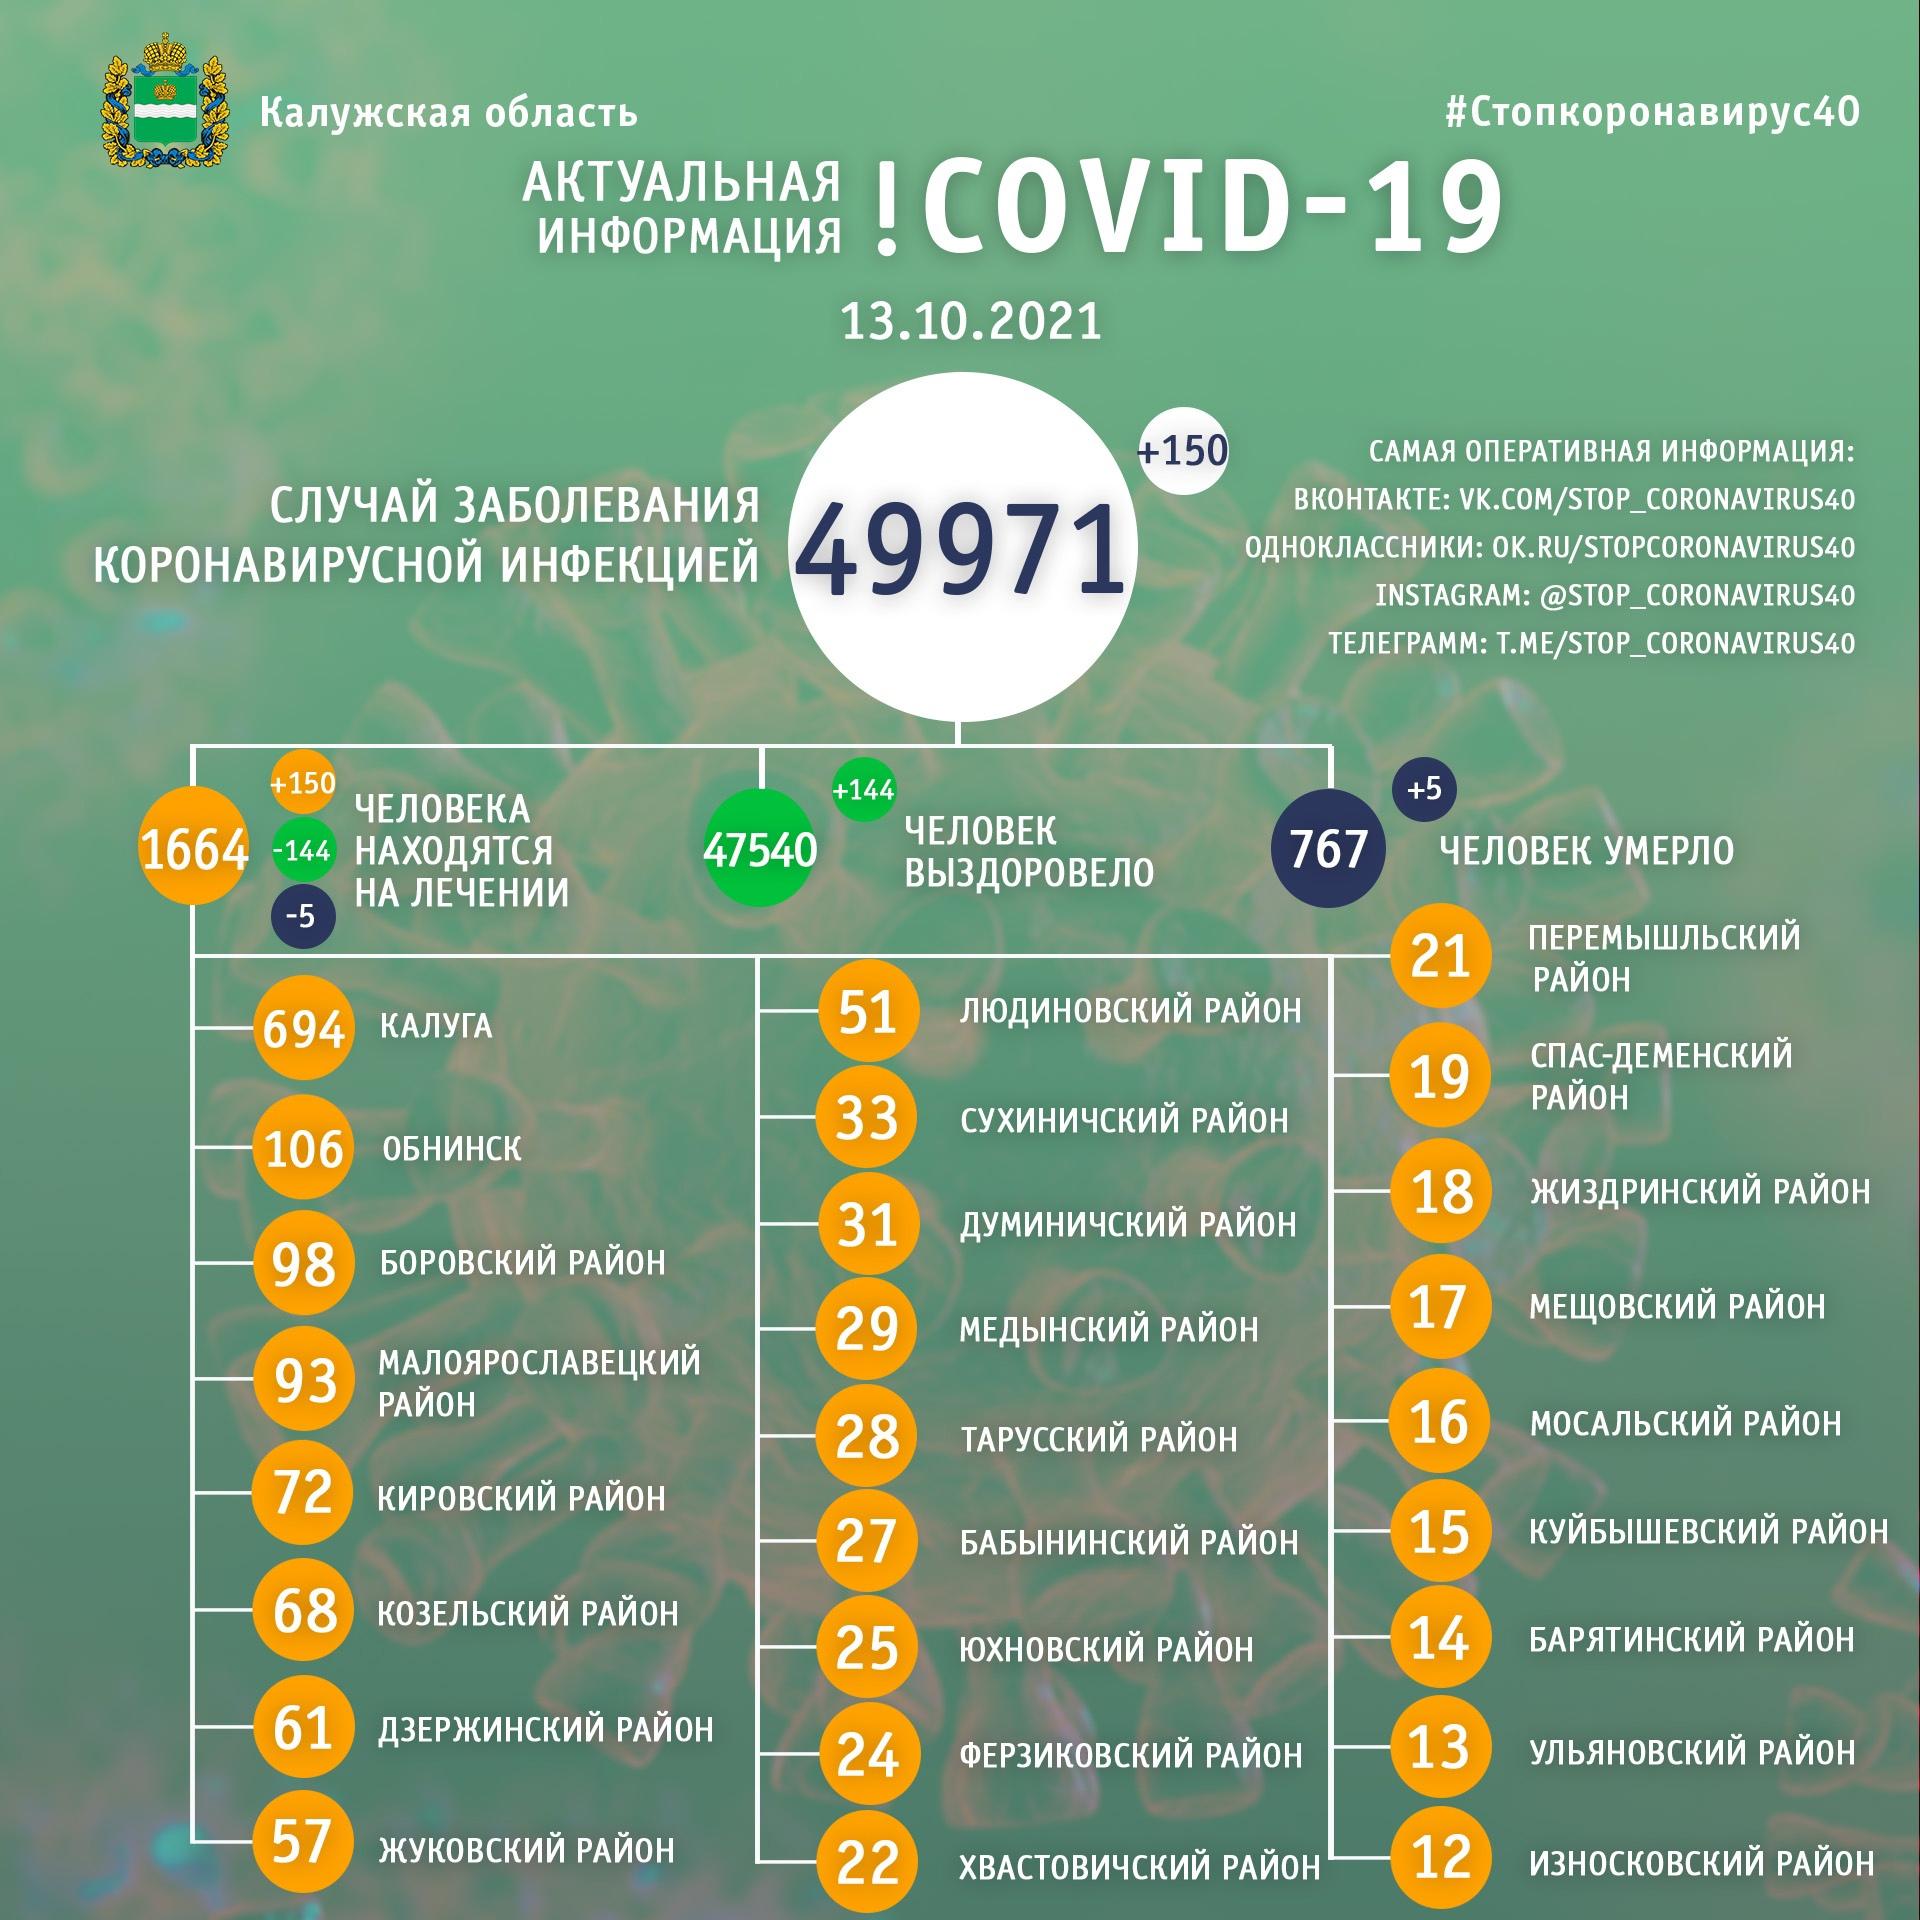 Официальная статистика по коронавирусу в Калужской области на 13 октября 2021 года.